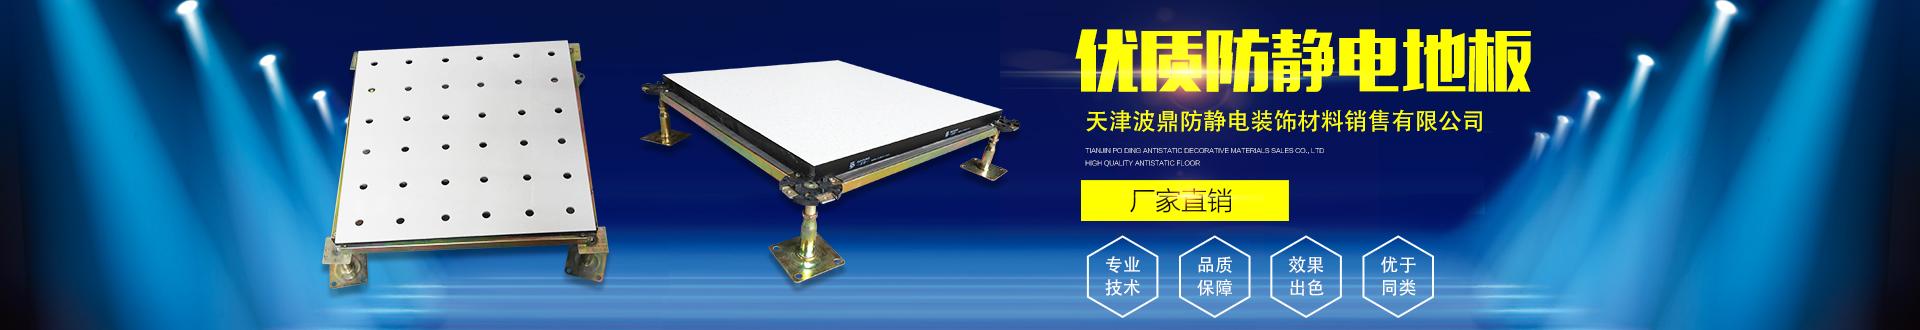 天津波鼎防静电装饰材料销售有限公司